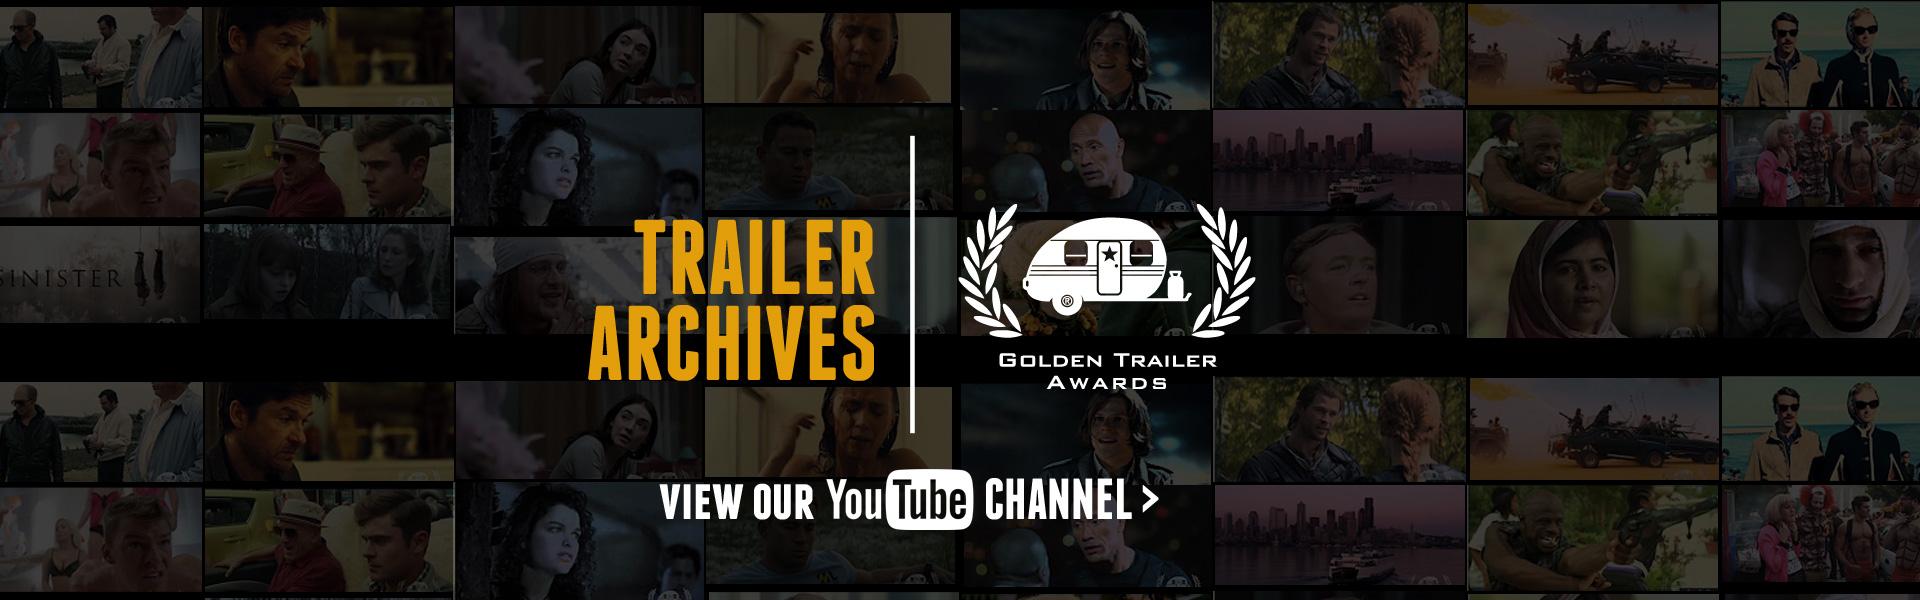 The Golden Trailer Awards